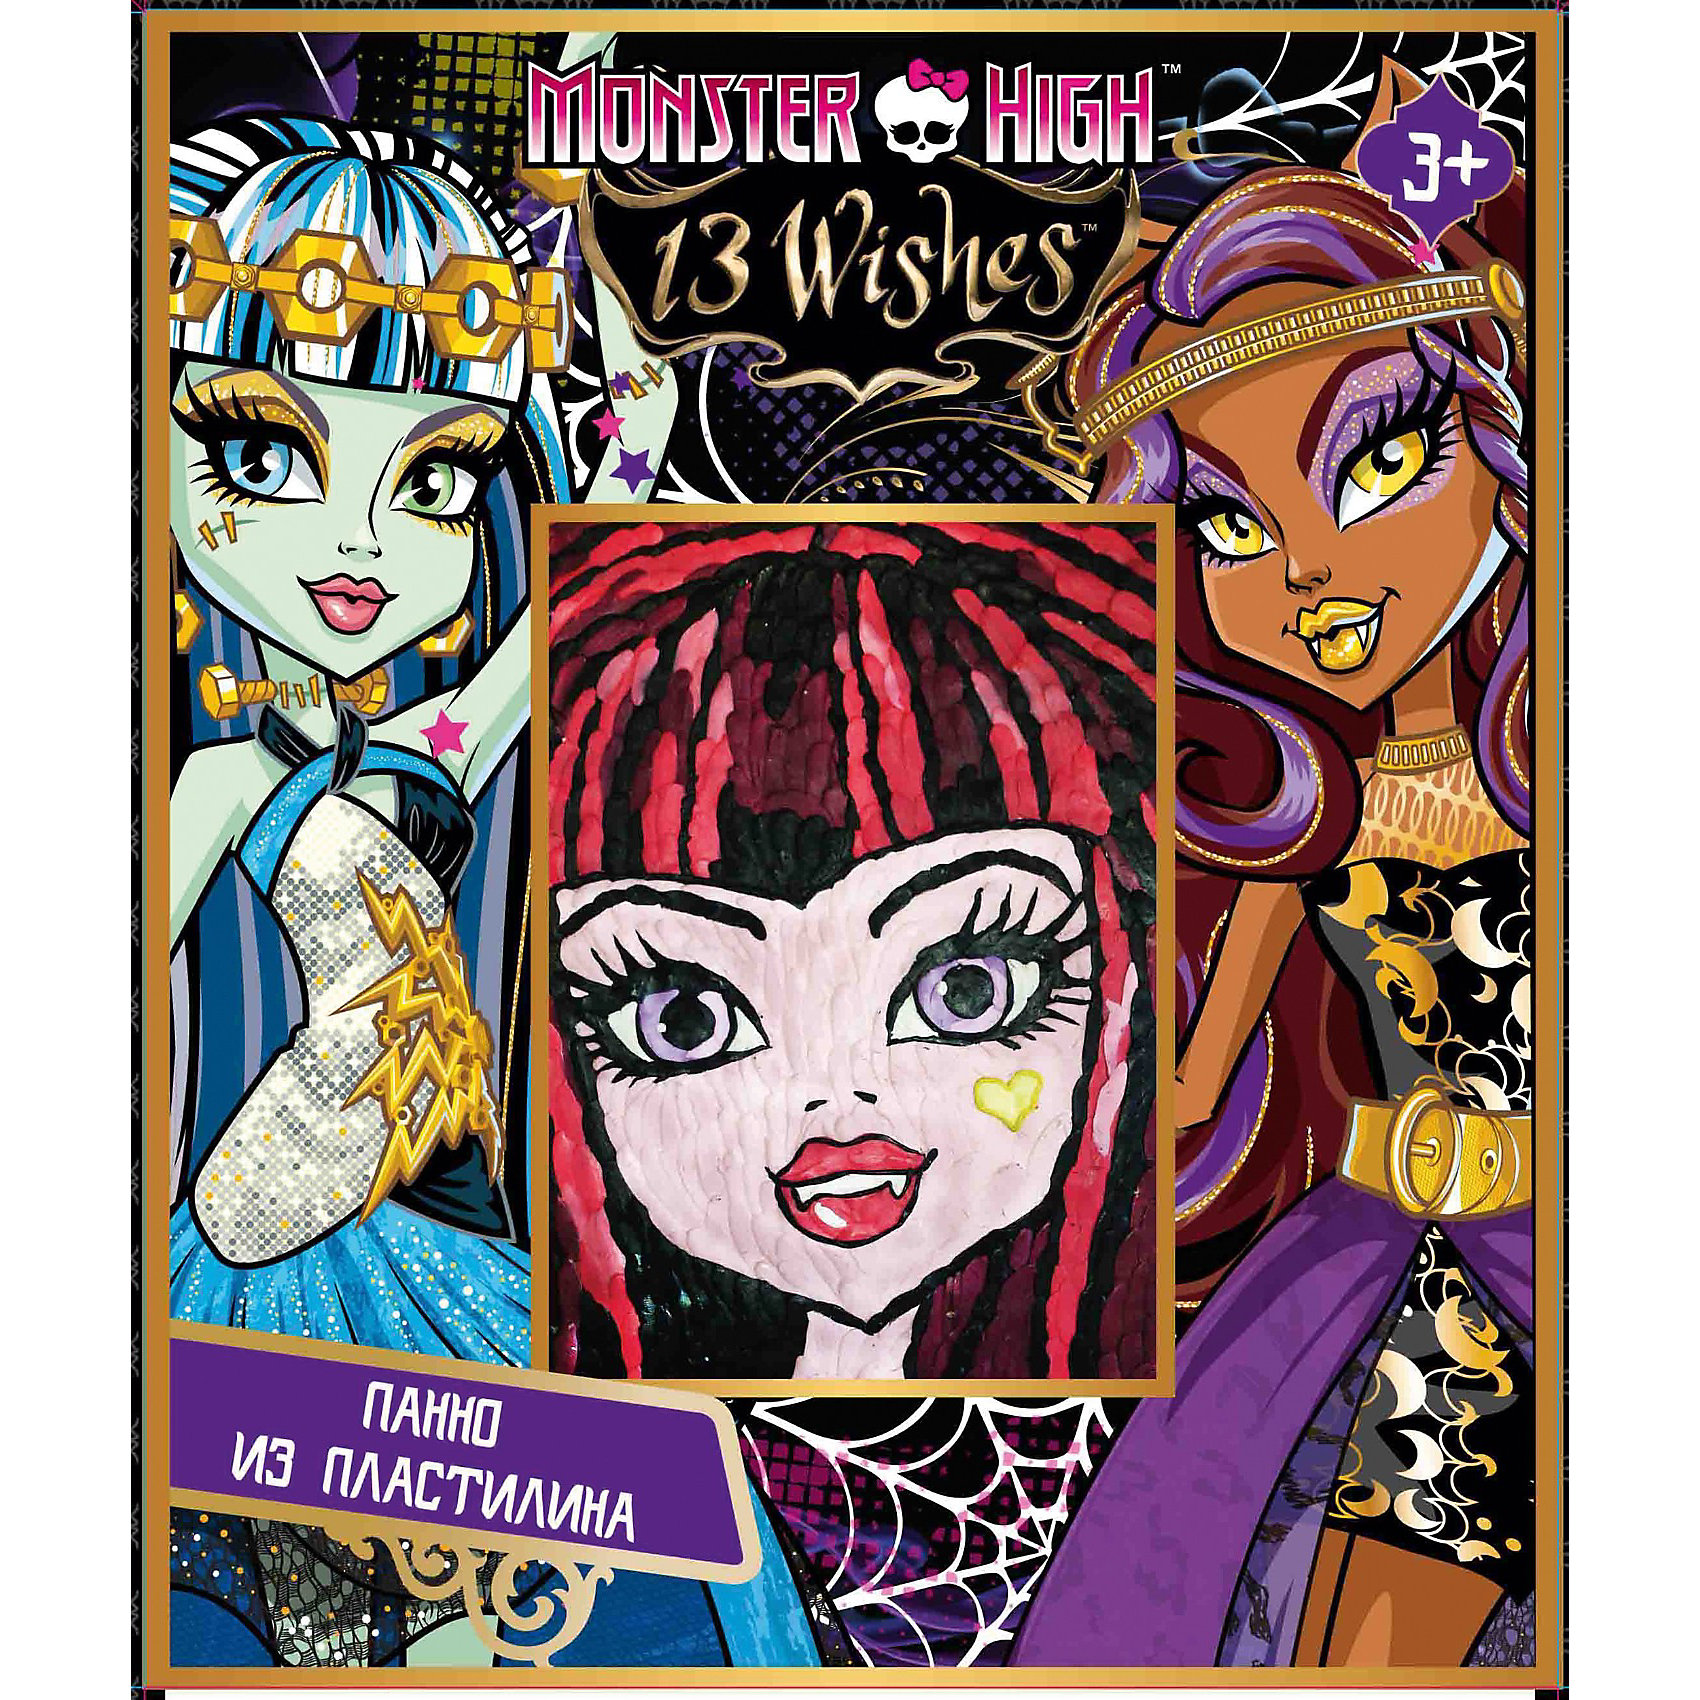 Панно из пластилина, Monster HighПанно из пластилина, Monster High - увлекательный набор для детского творчества, который станет приятным сюрпризом для юной поклонницы популярного мультсериала Школа монстров. С помощью картинки-основы и пластилина разных цветов она сможет создать красочный портрет одной из героинь любимого мультфильма. Картинка украсит комнату Вашей девочки или станет подарком, сделанным собственными руками для ее друзей и родственников.<br><br>Дополнительная информация:<br><br>- В комплекте: пластилин 10 цветов, стек, картинка-основа. <br>- Размер упаковки: 19 ? 5 ? 22 см.<br>- Вес: 0,3 кг.<br><br>Панно из пластилина, Monster High (Монстр Хай) можно купить в нашем интернет-магазине.<br><br>Ширина мм: 50<br>Глубина мм: 185<br>Высота мм: 225<br>Вес г: 300<br>Возраст от месяцев: 36<br>Возраст до месяцев: 132<br>Пол: Женский<br>Возраст: Детский<br>SKU: 3866749